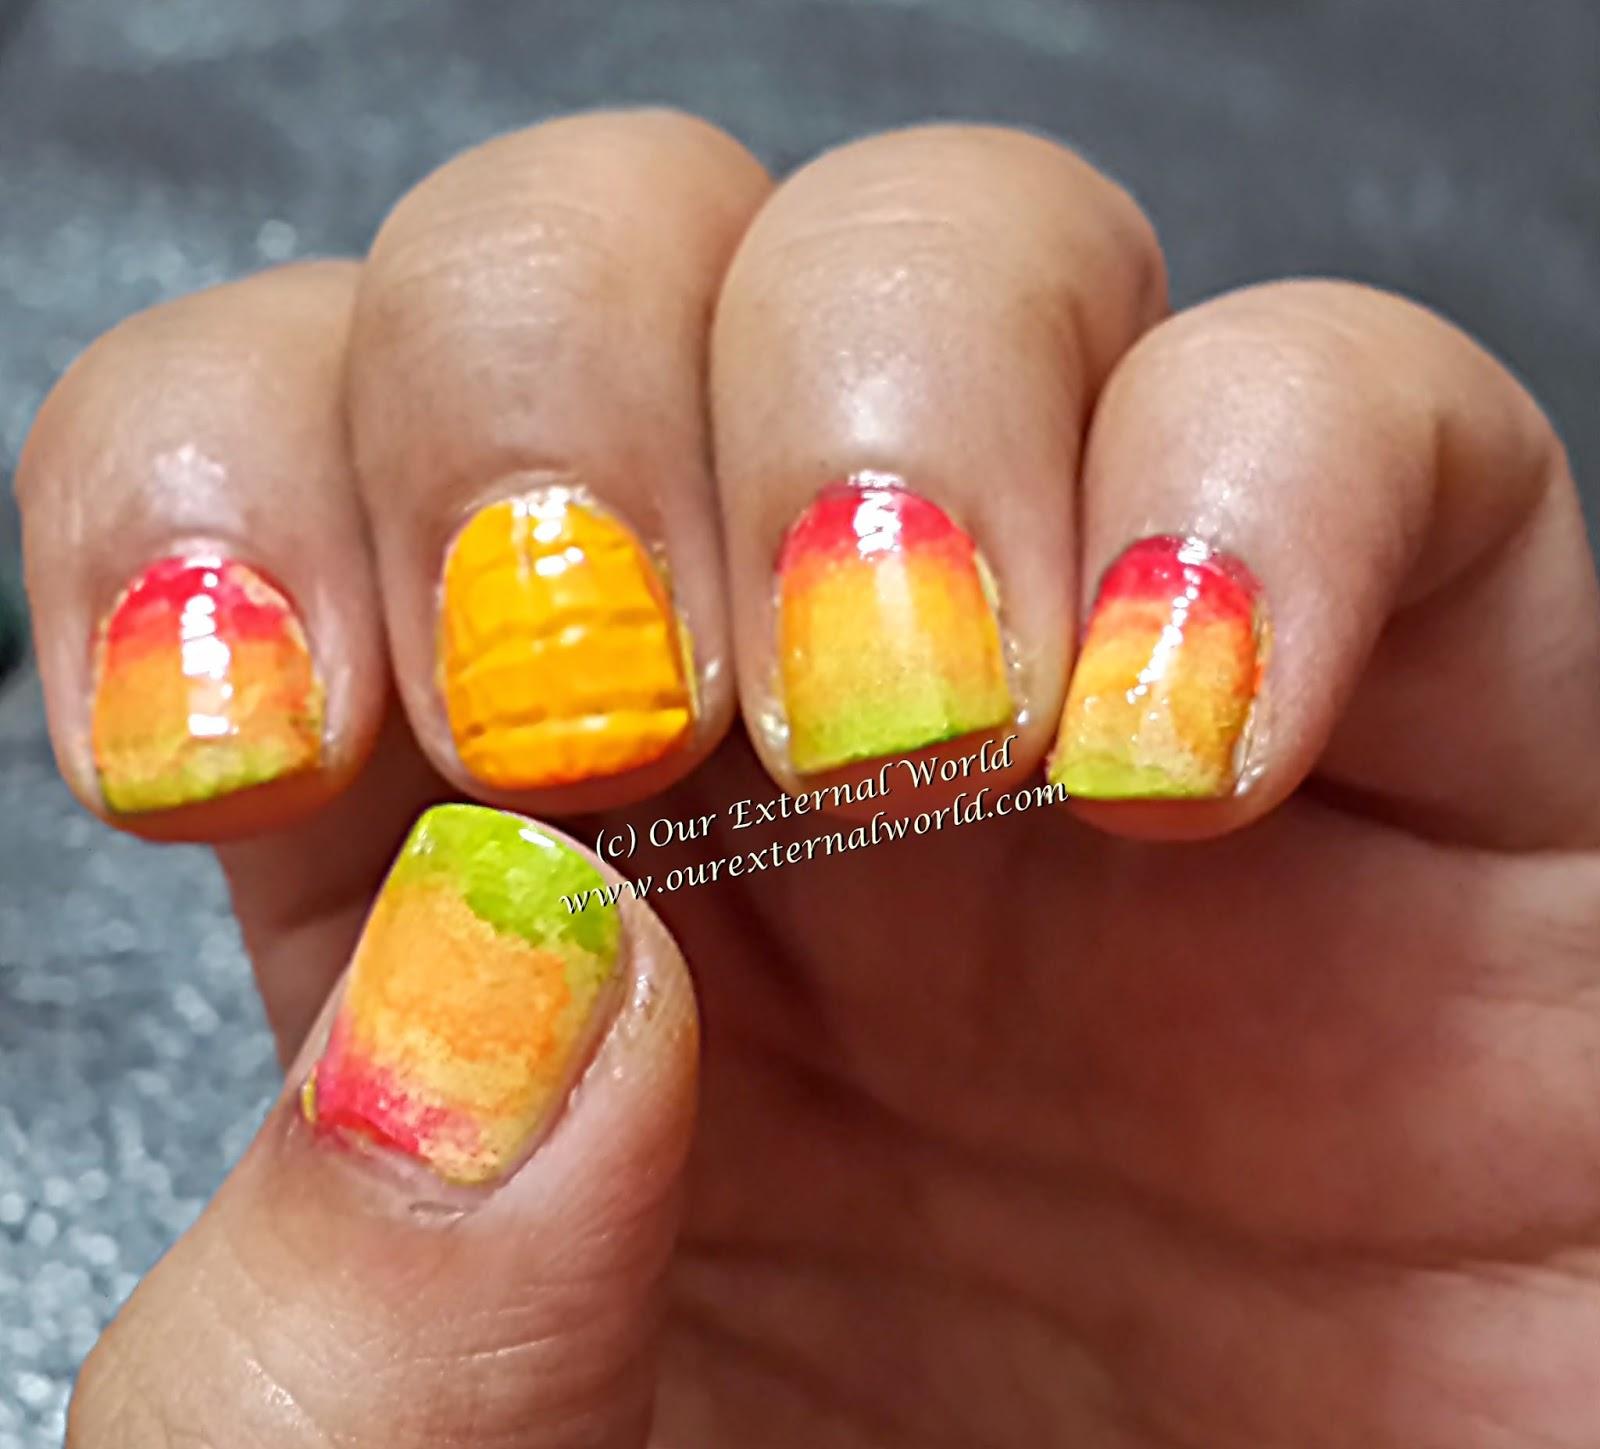 Summer Nail Art - Mango Nails Tutorial